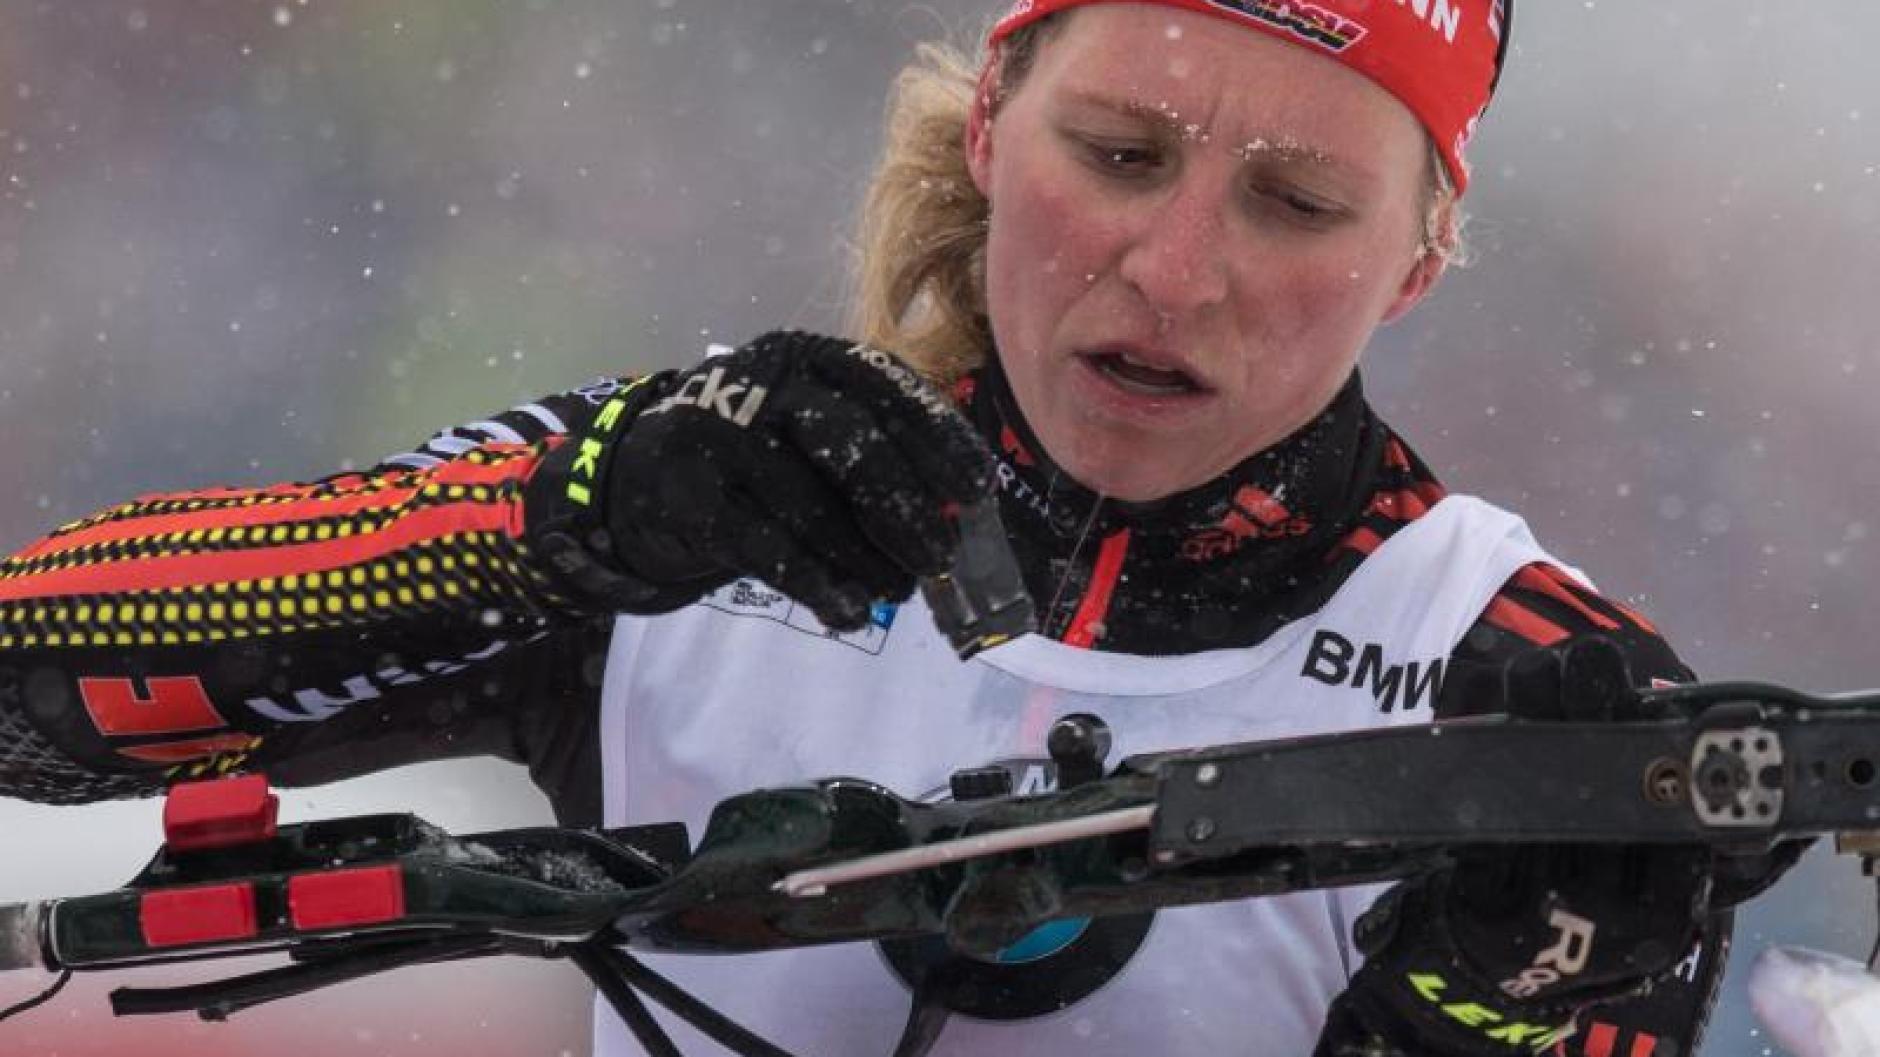 Biathlon Staffel Ergebnisse